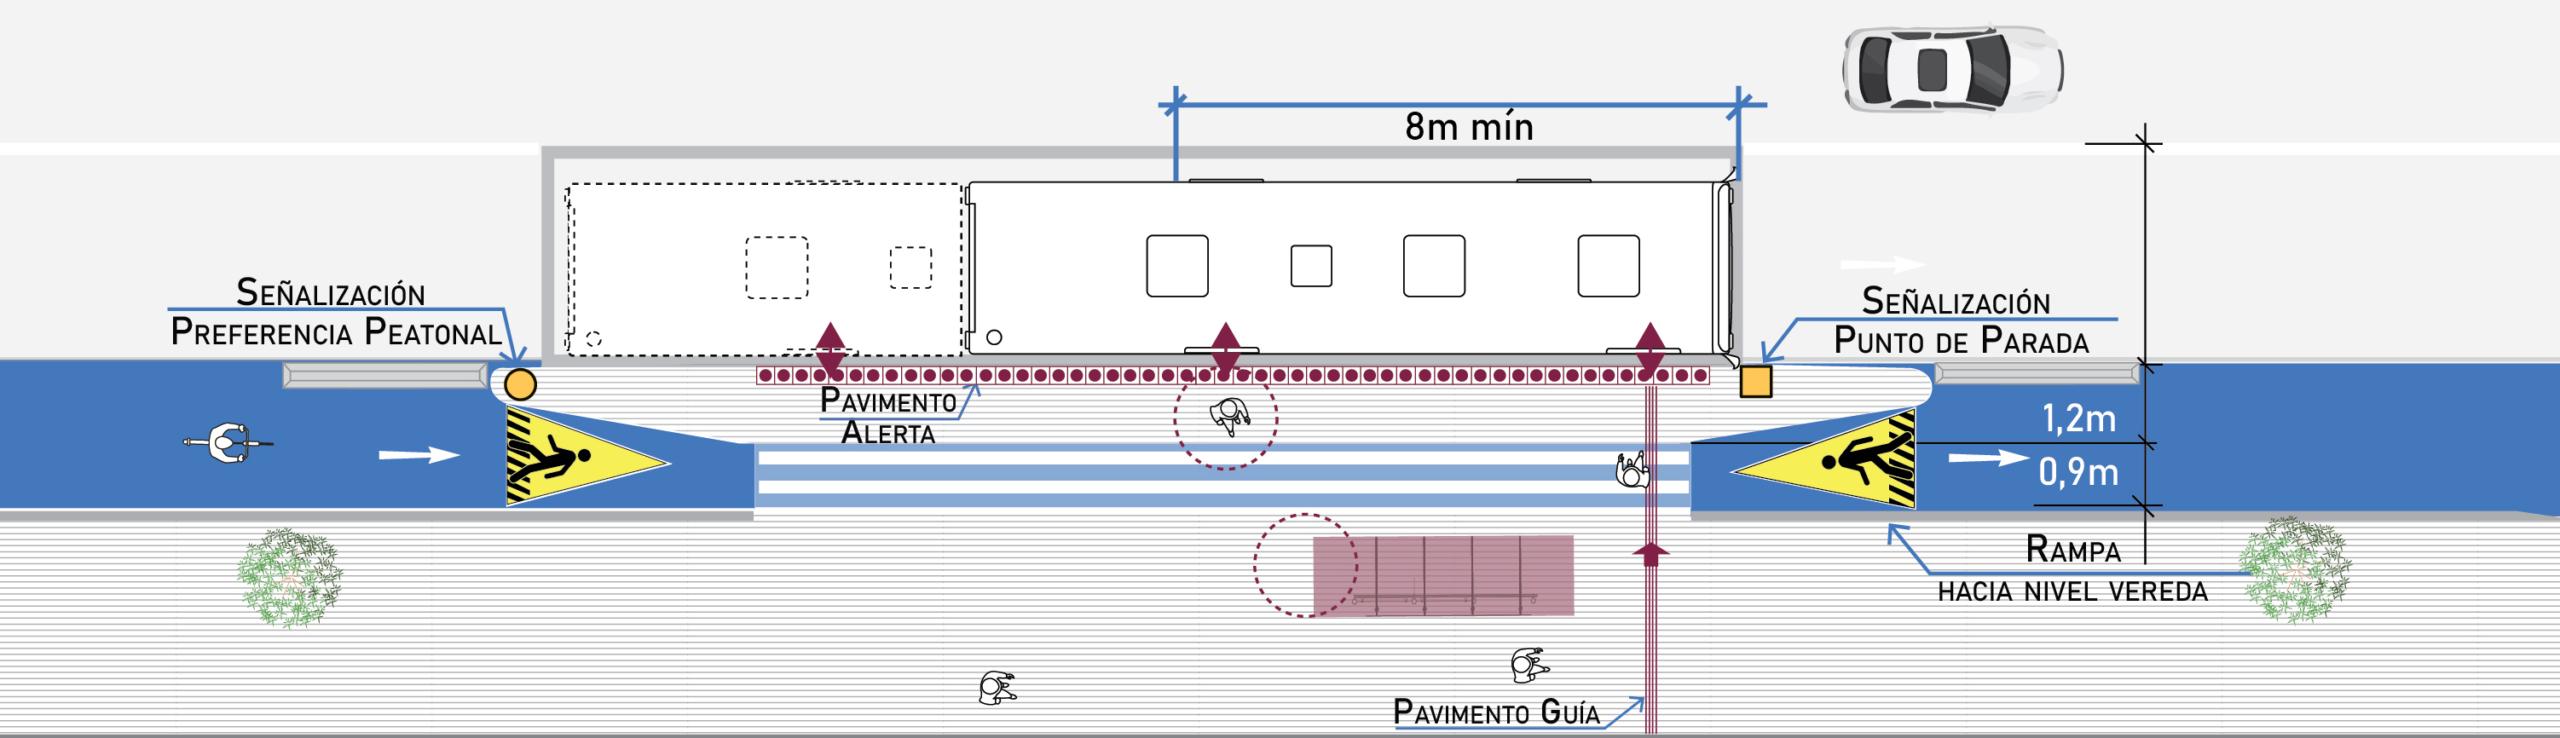 Figura de alternativa a ciclovía que se enangosta y pasa por la parte posterior del andén de espera en un paradero